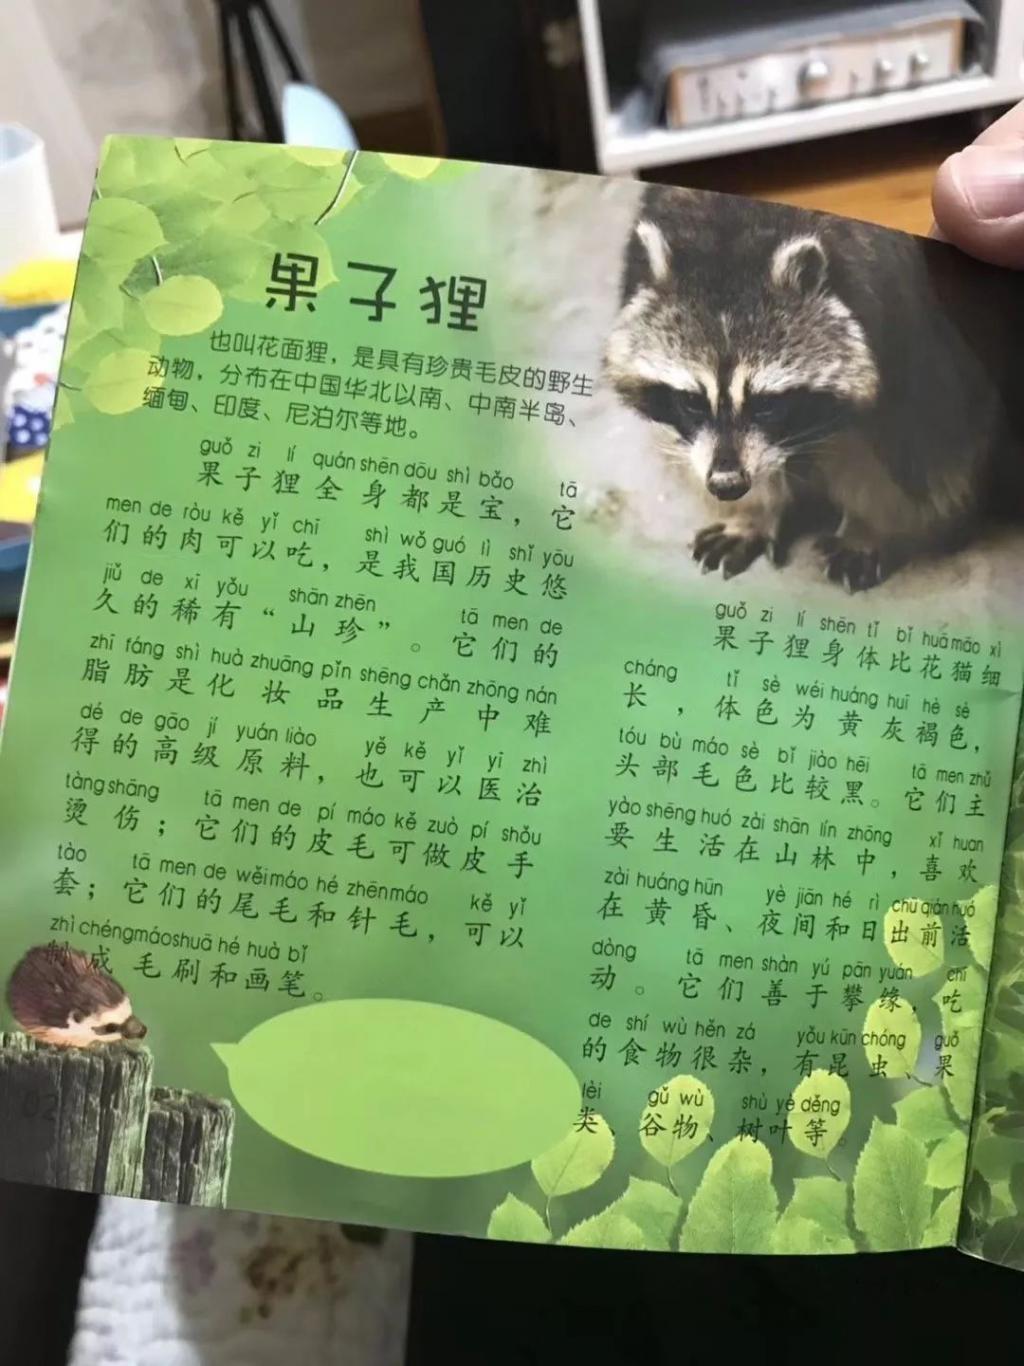 兒童刊物稱果子狸可吃?武大出版社回應(圖)